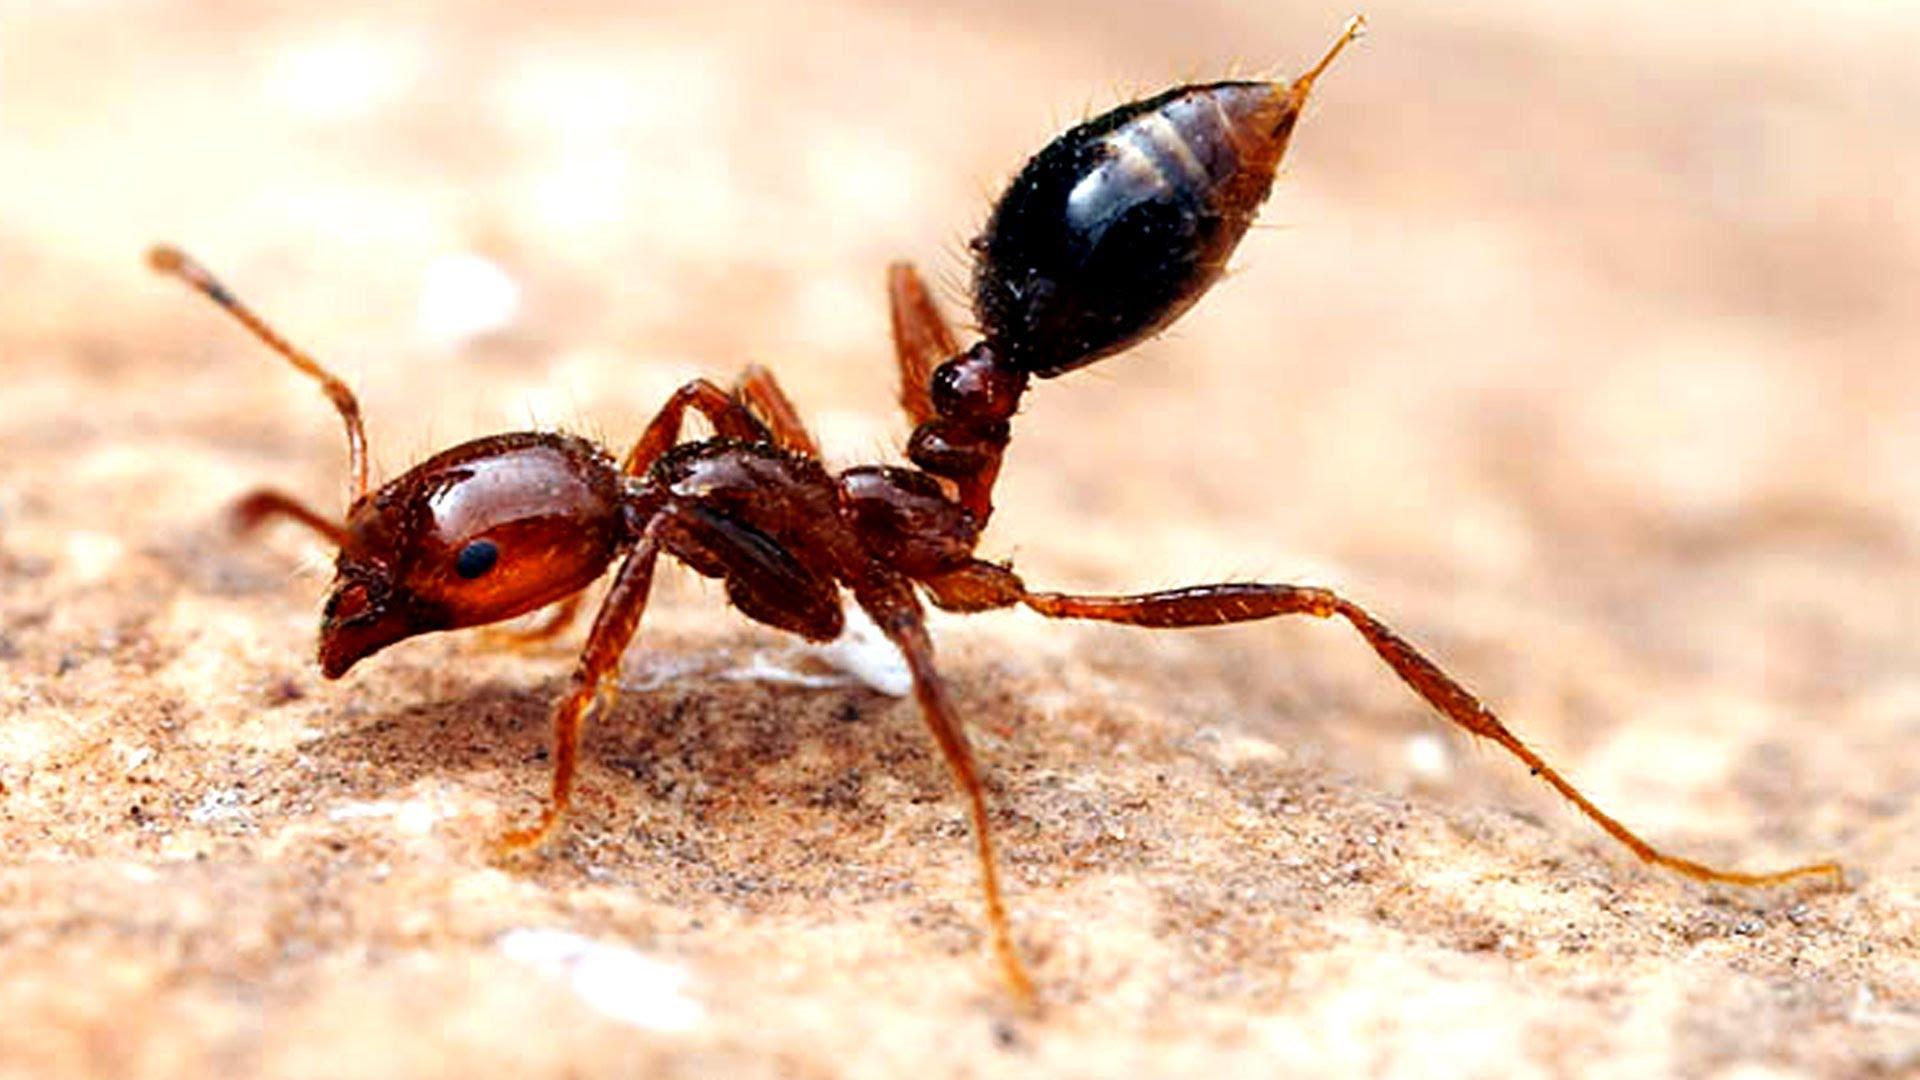 「ヒアリ」とはどんな生物?漢字で「火蟻」と記述する、強力な毒をもつ蟻(アリ)の一種との事。